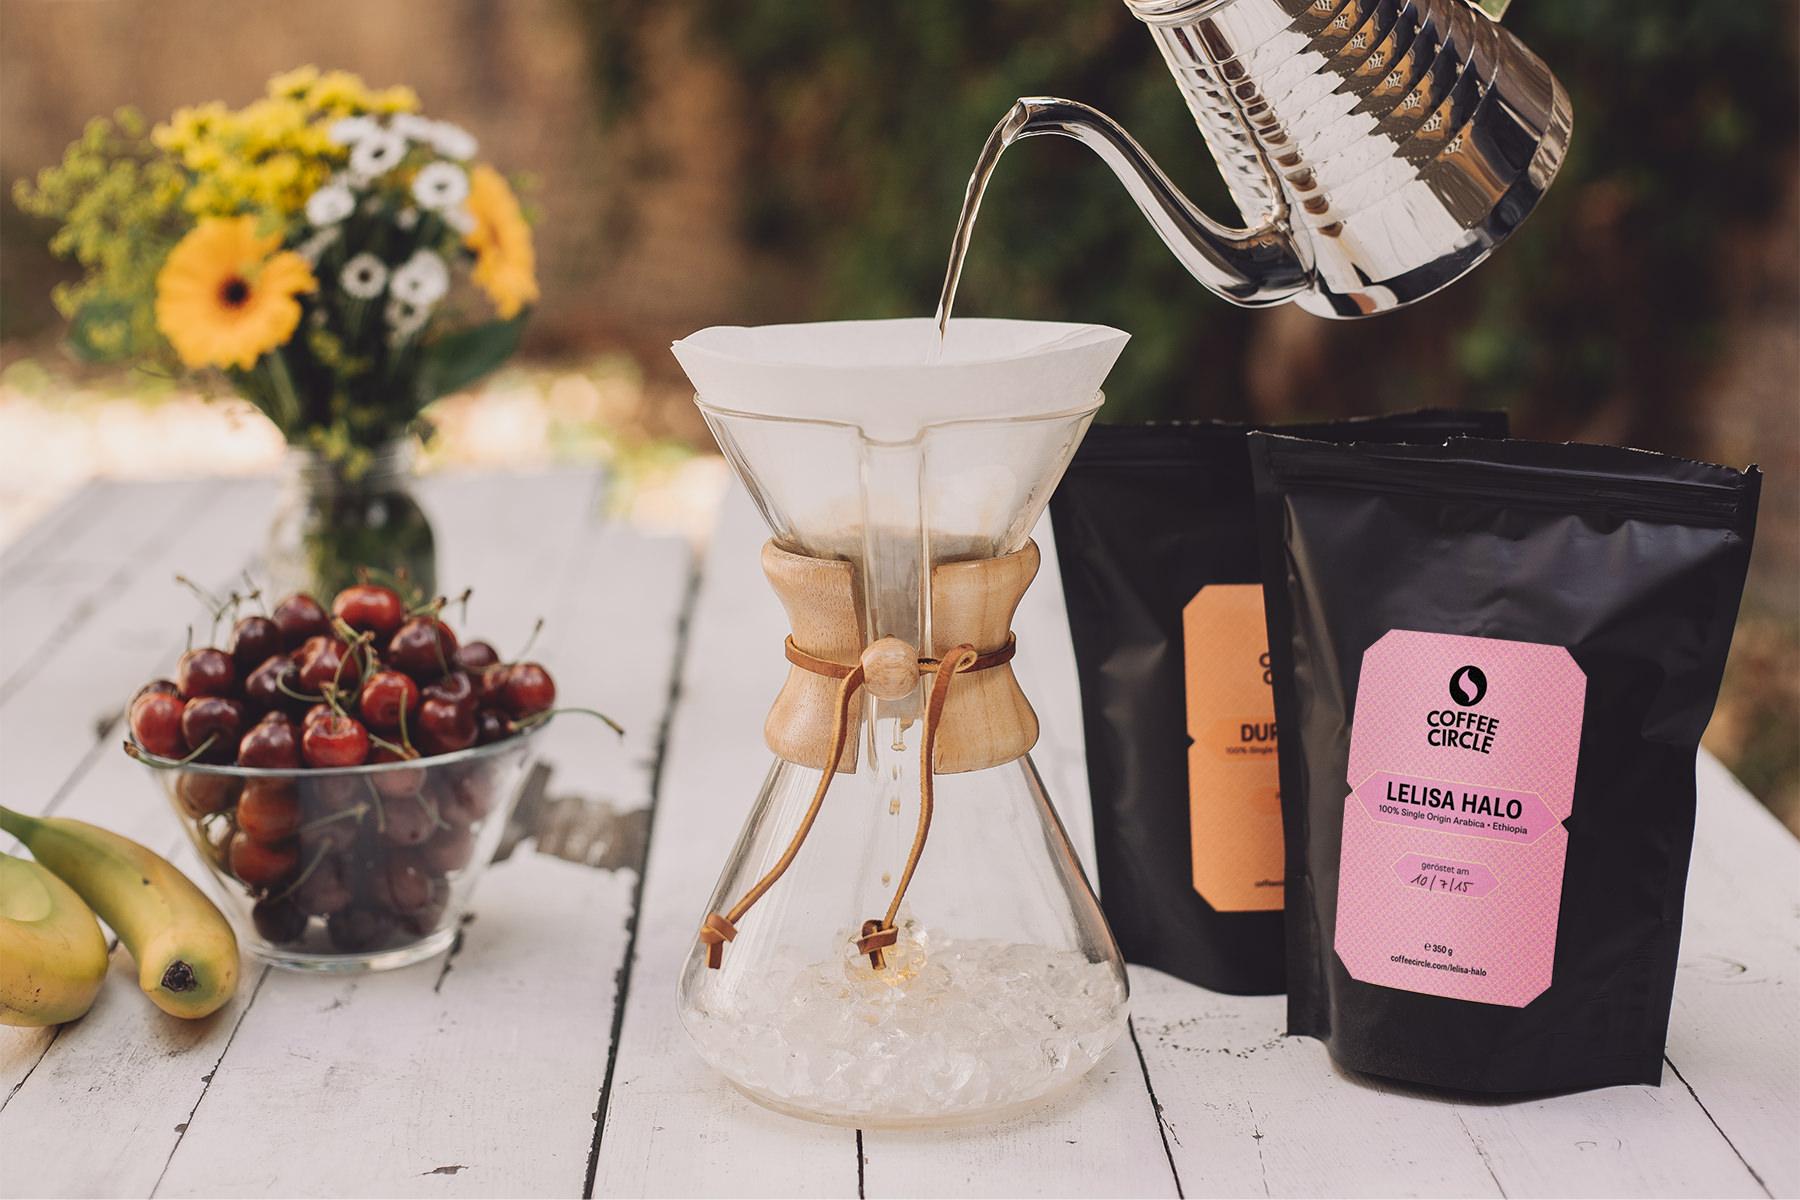 Kaffee Lelisa Halo